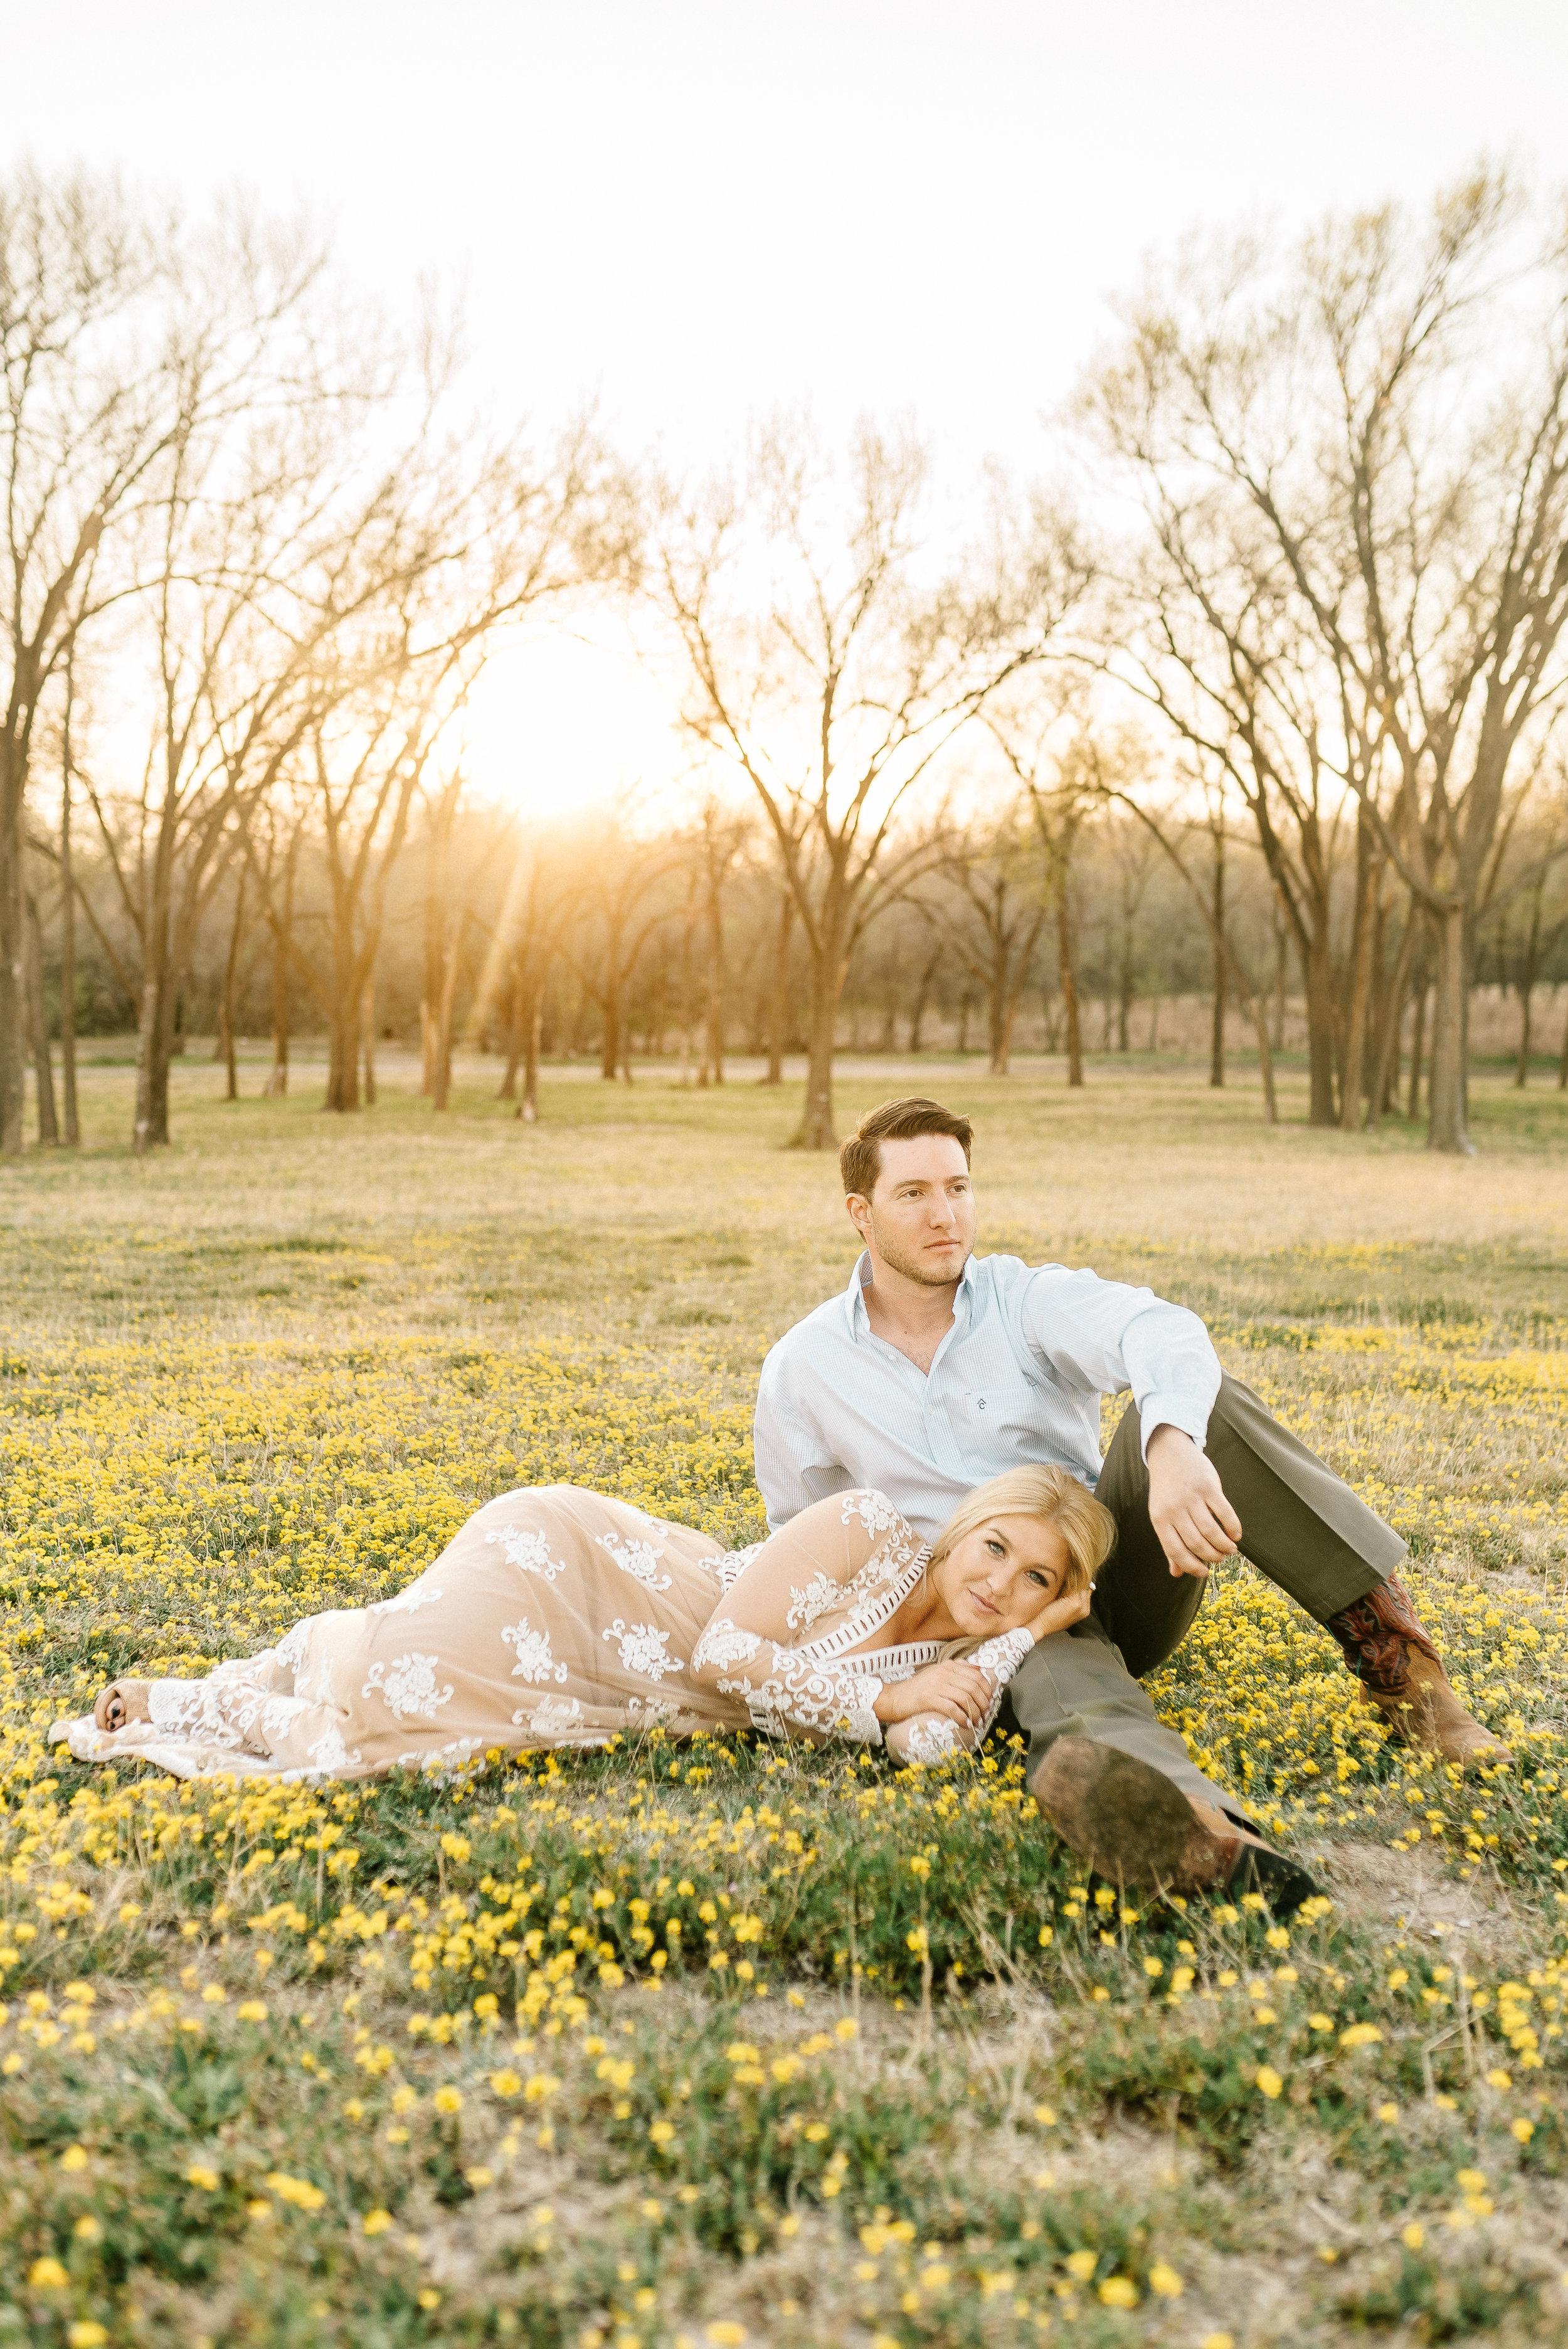 Abbie + Sean + Engagements 03-25-2019-6144.jpg